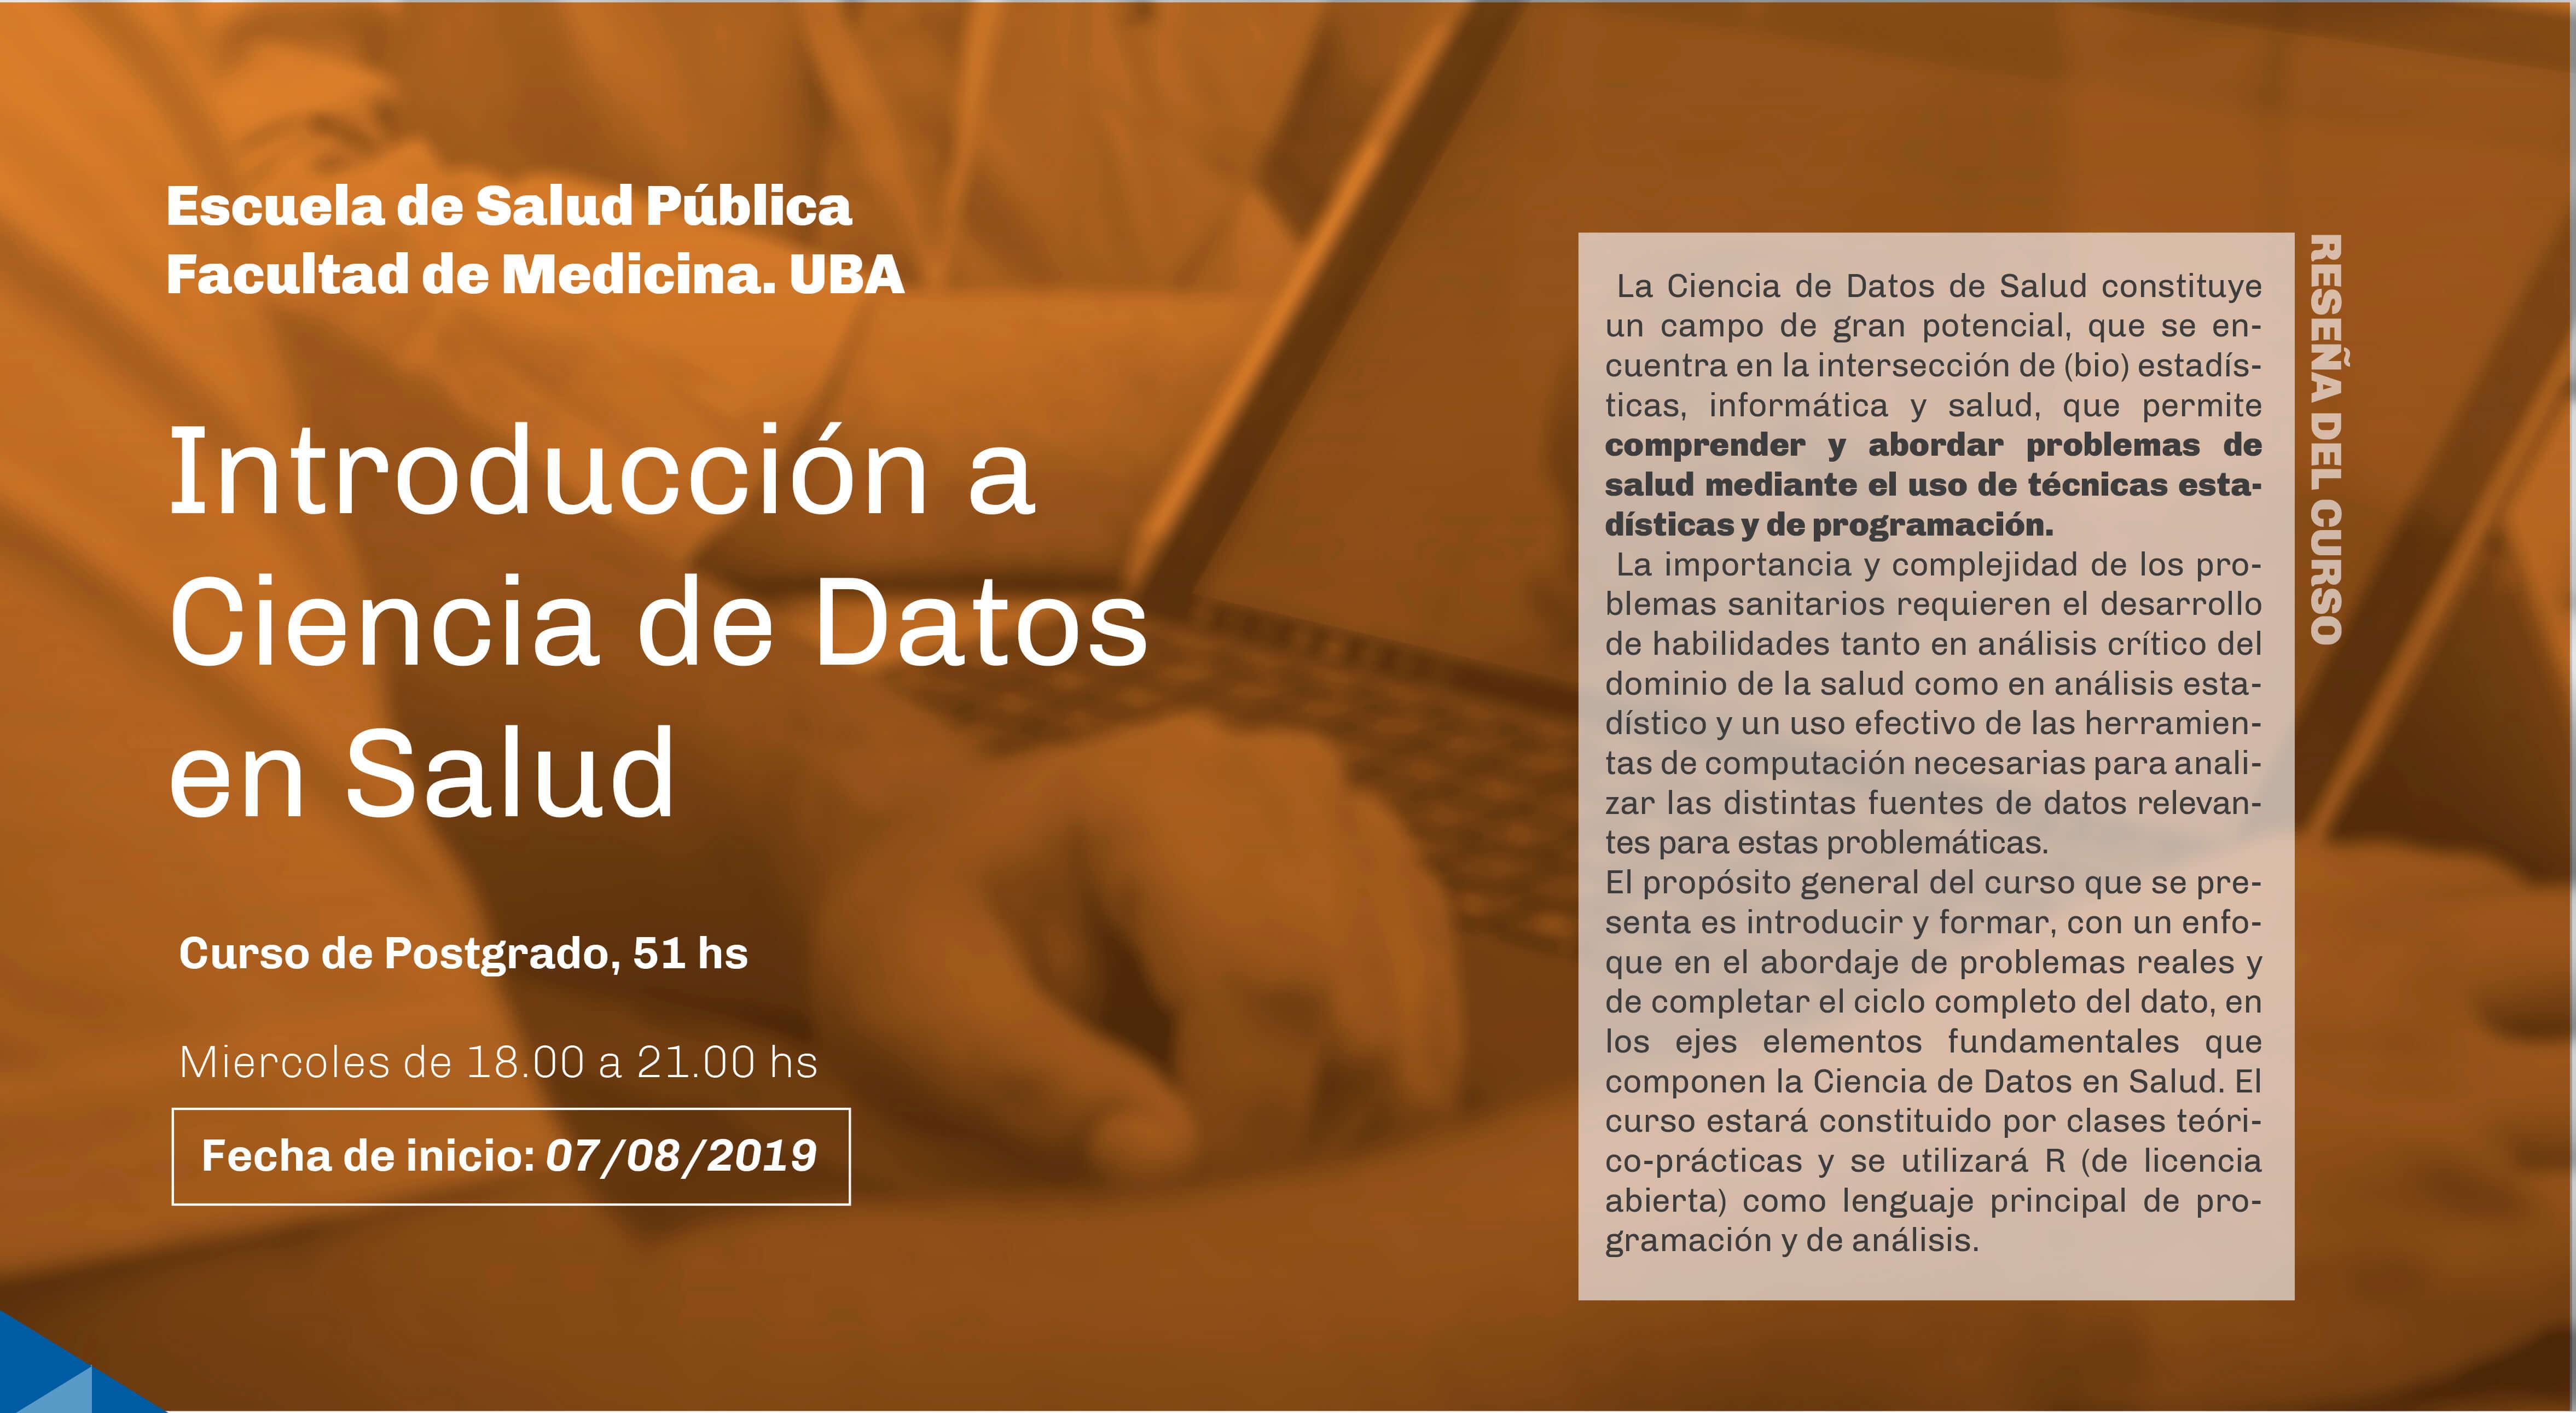 Posgrado de Ciencia de Datos en Salud